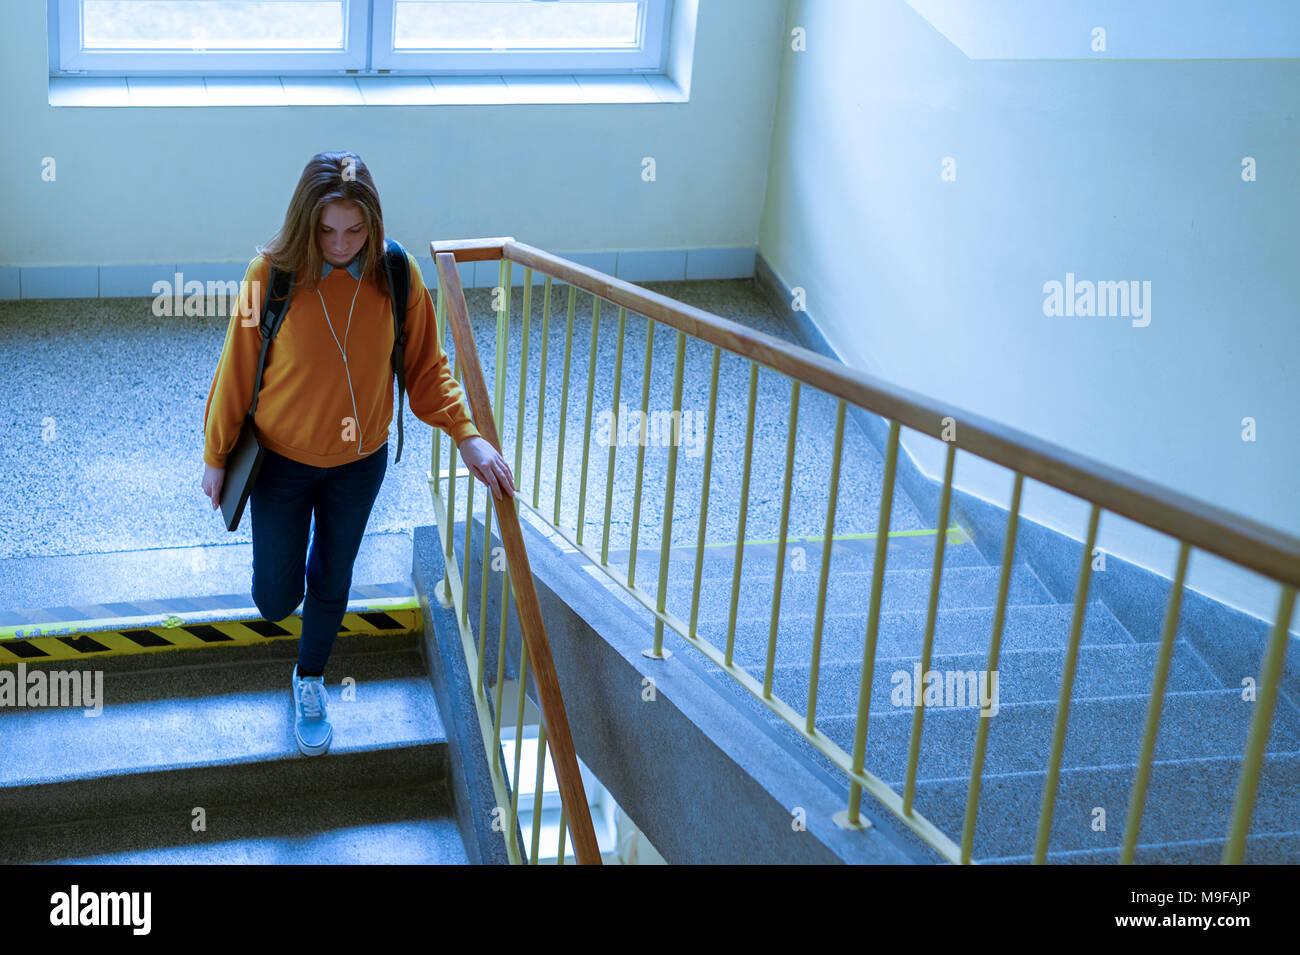 Giovani premuto lonely collegio femminile studente a piedi giù per le scale alla sua scuola, guardando verso il basso. Istruzione, bullismo, depressione concetto. Immagini Stock